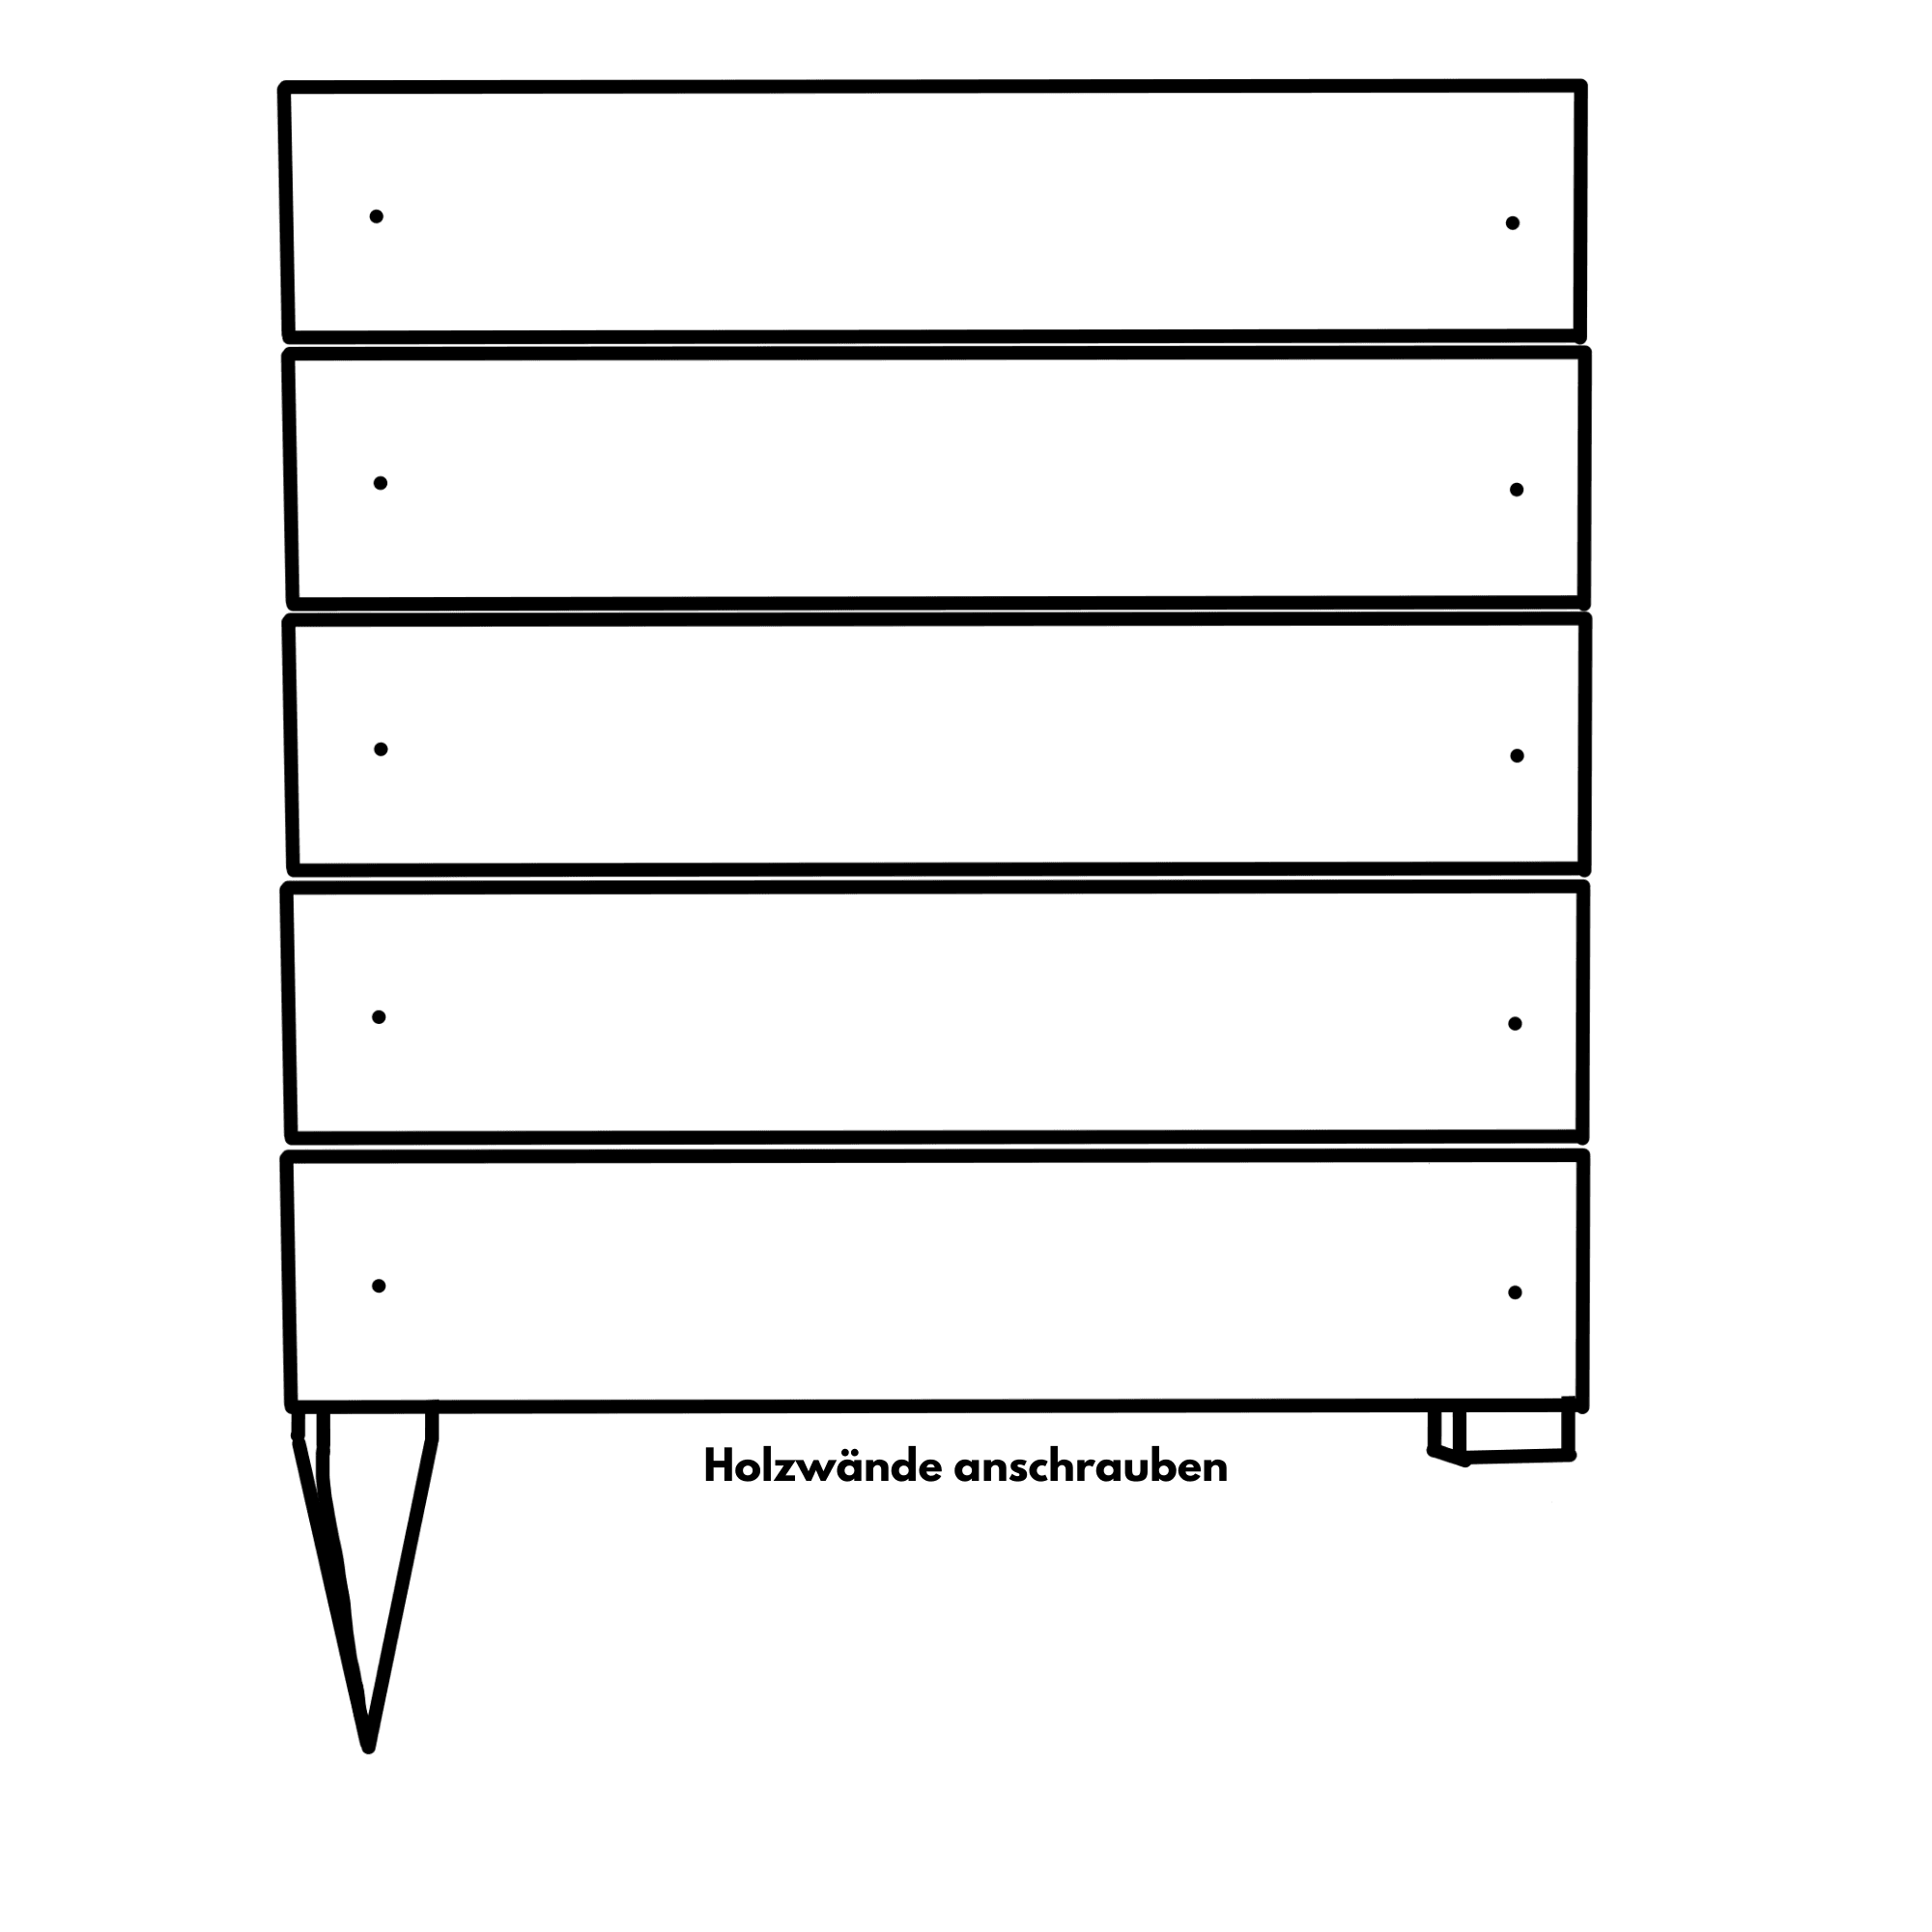 Hochbeet bauen: Wände anbringen